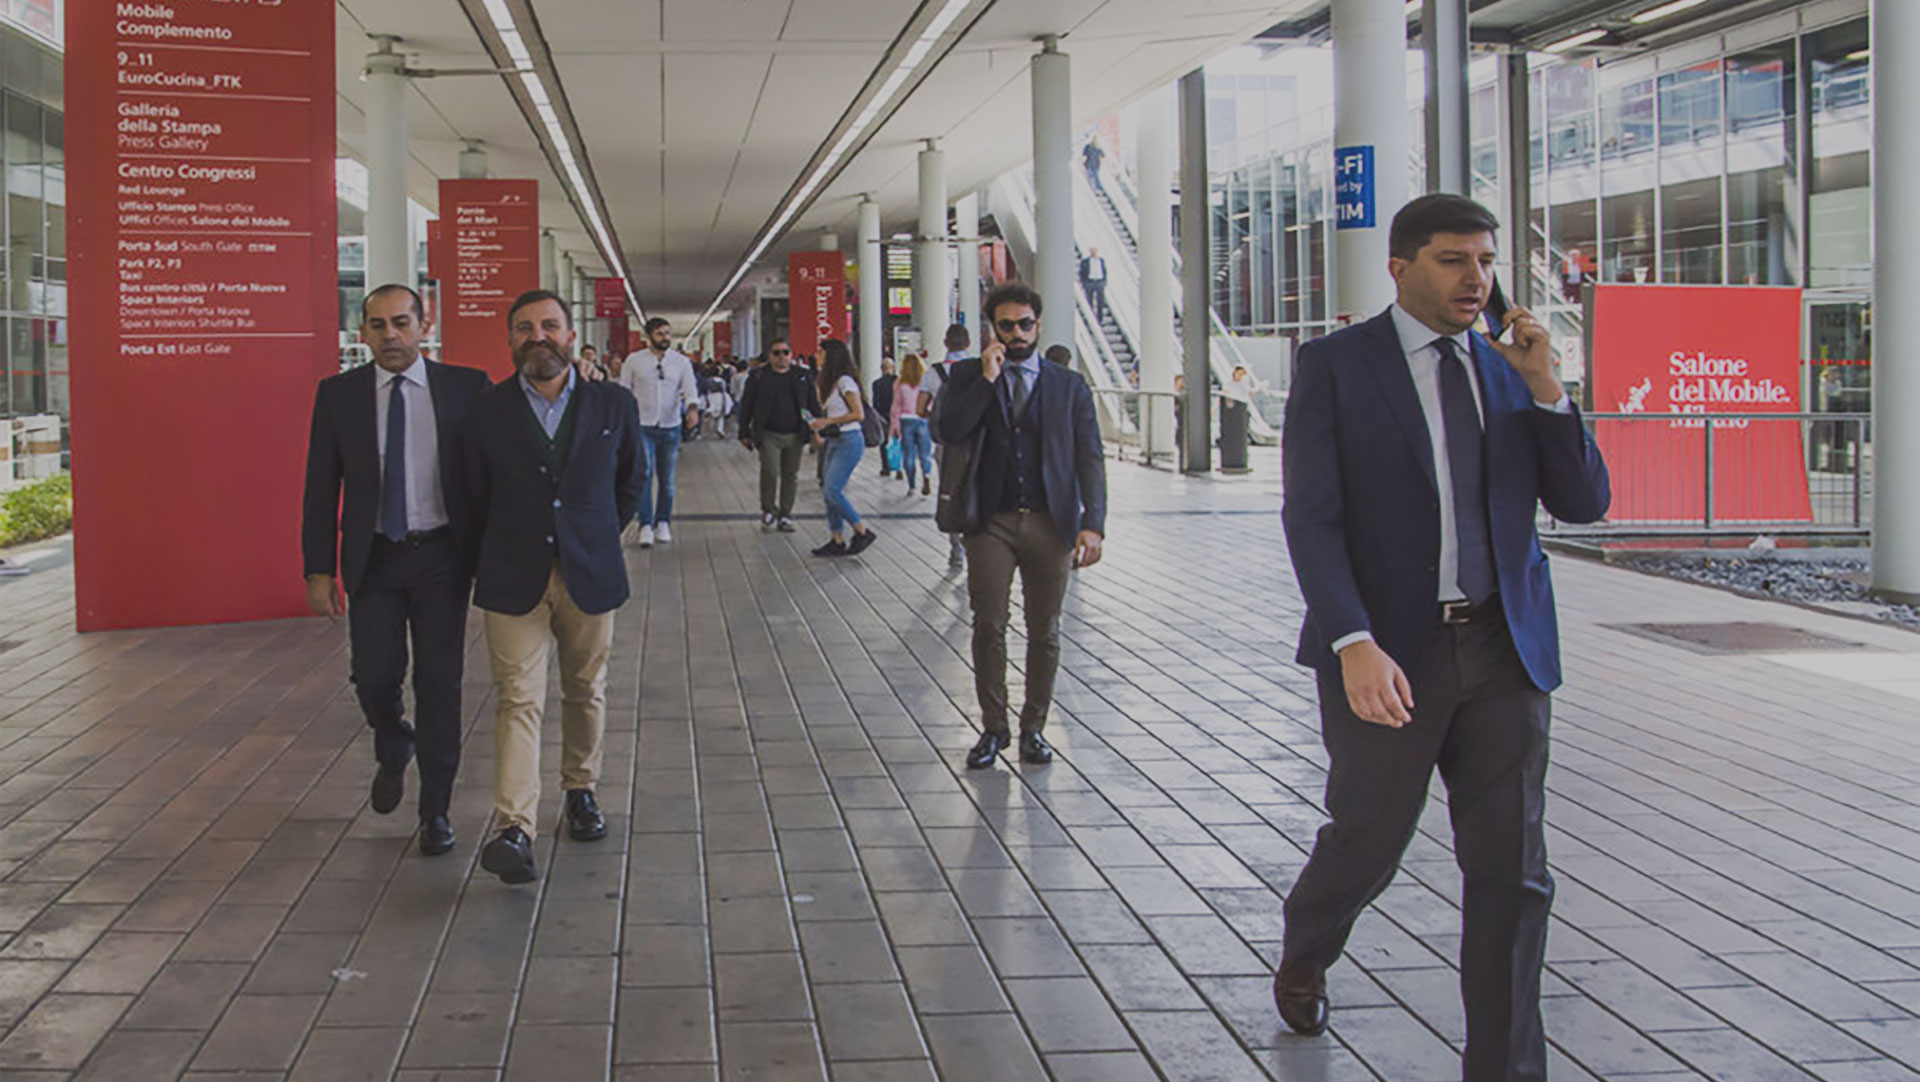 Salone del mobile 2018_TRJ